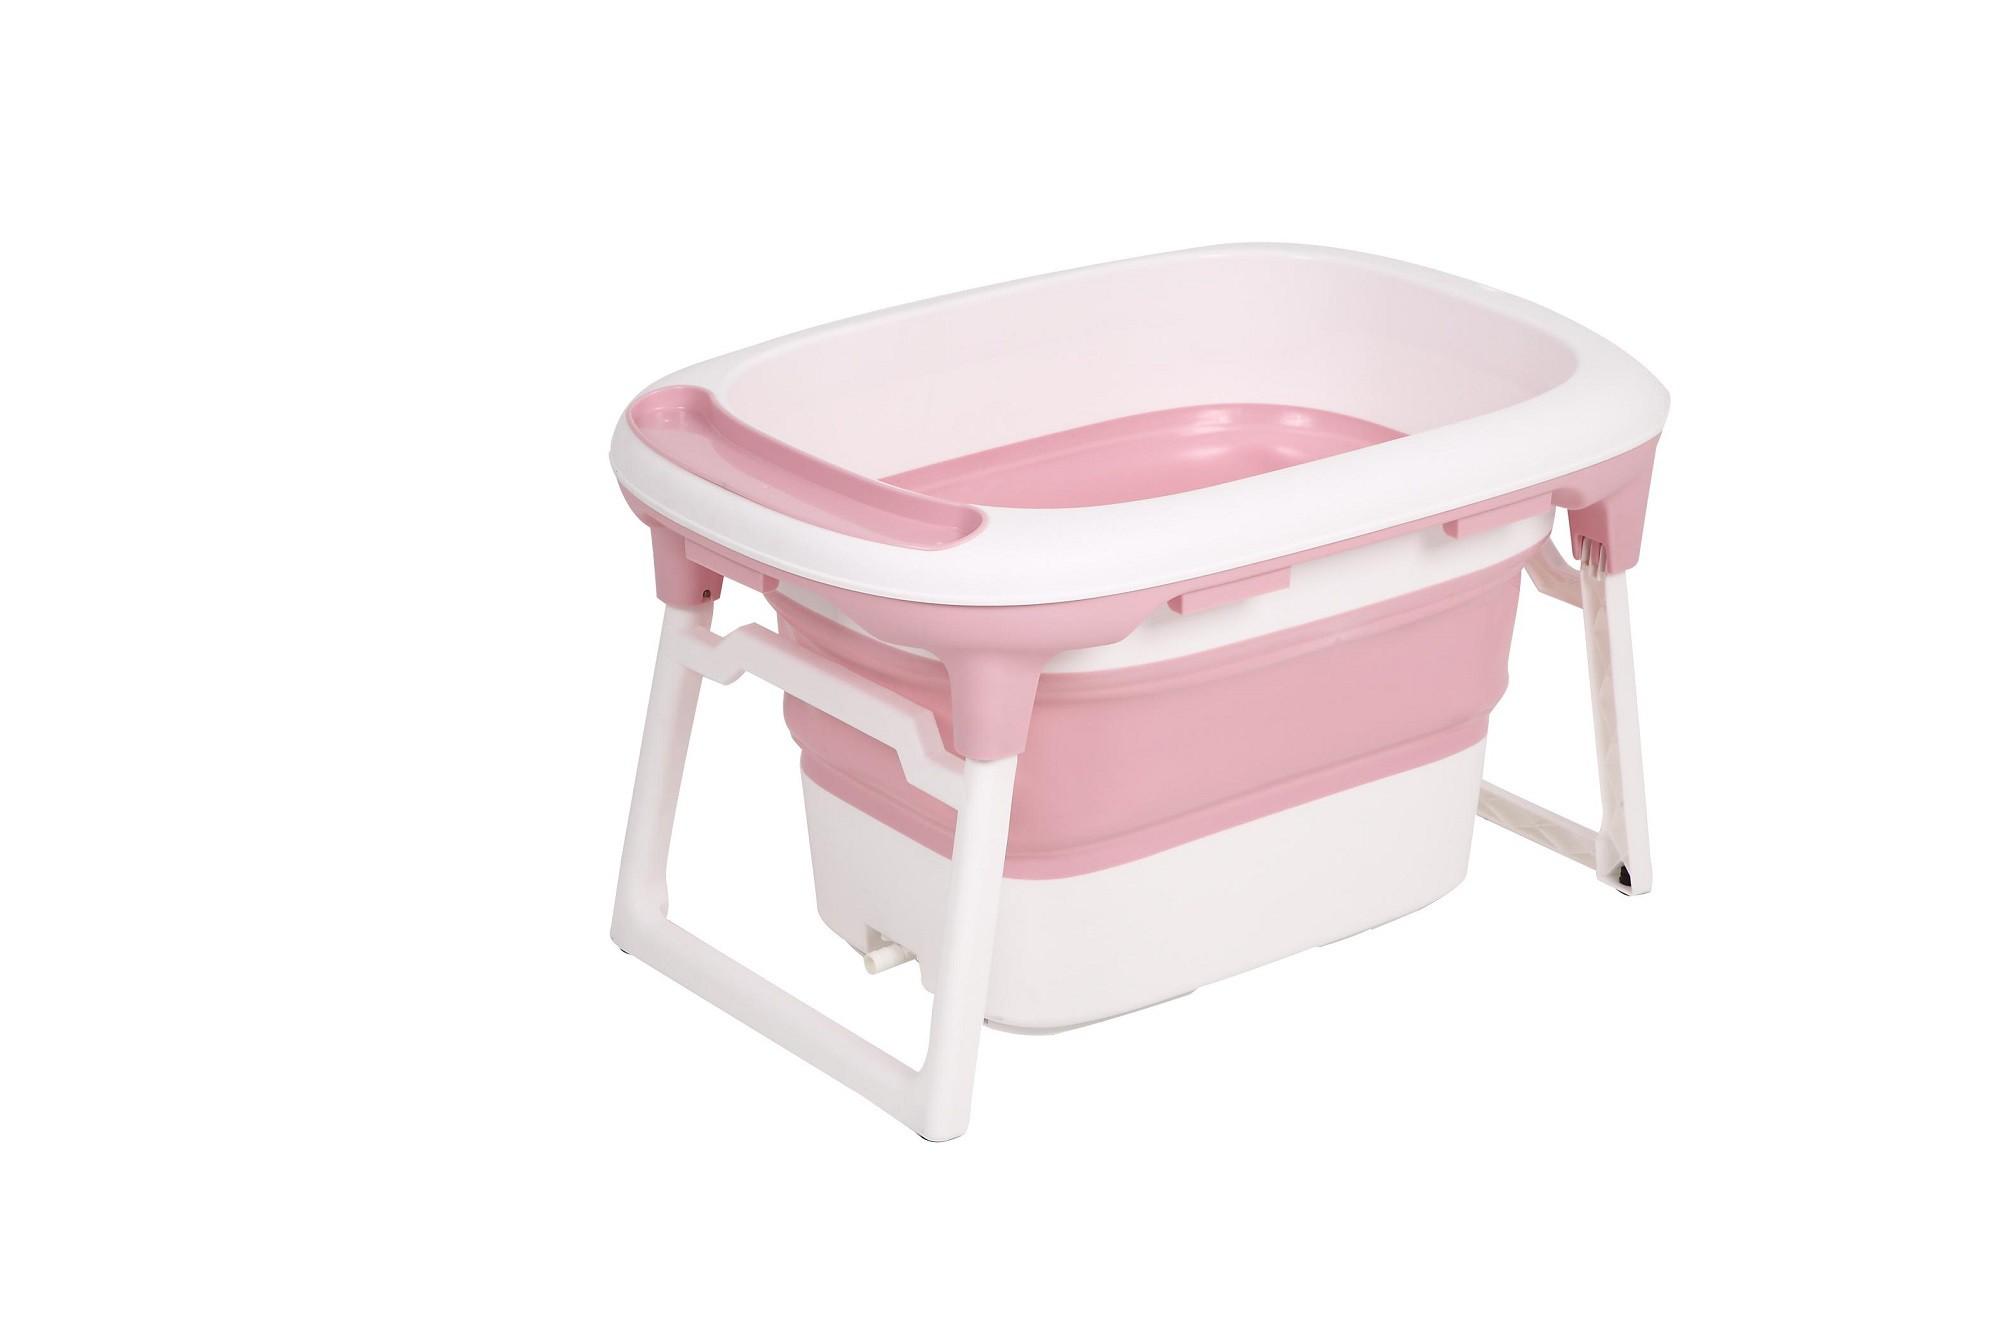 Banheira de plástico flexível média rosa - Baby Pil